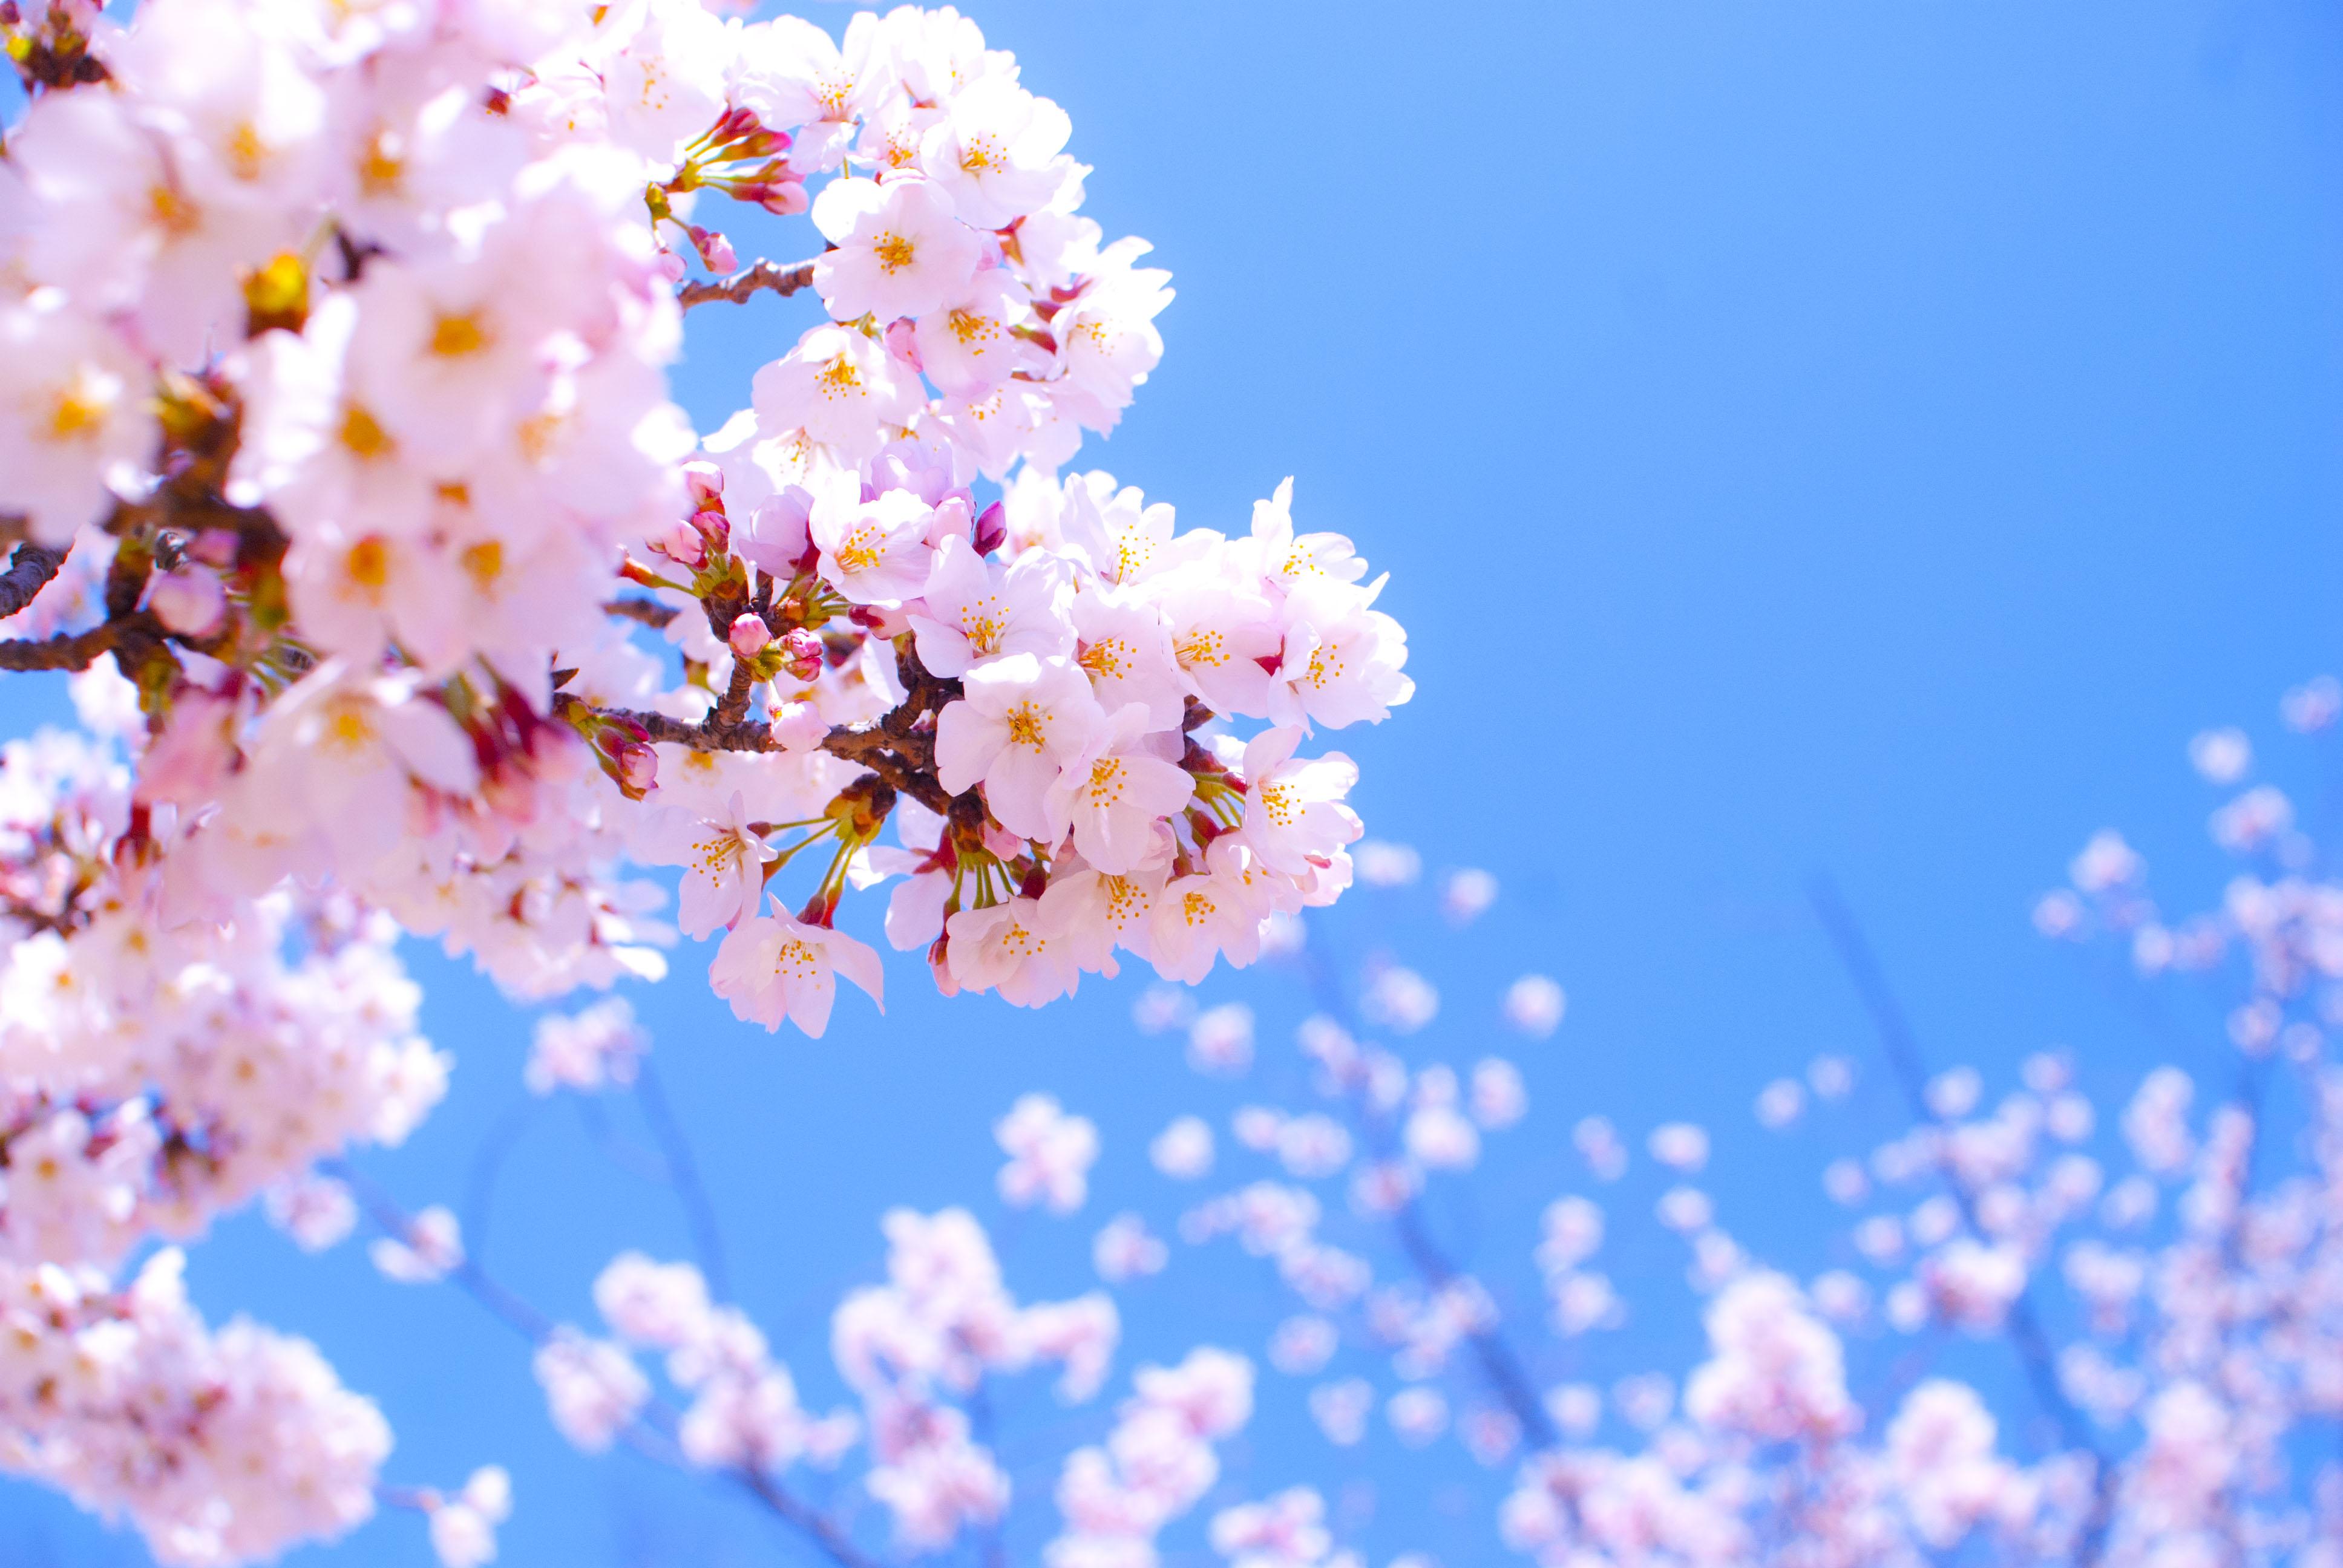 桜の花画像 株式会社ソリューション